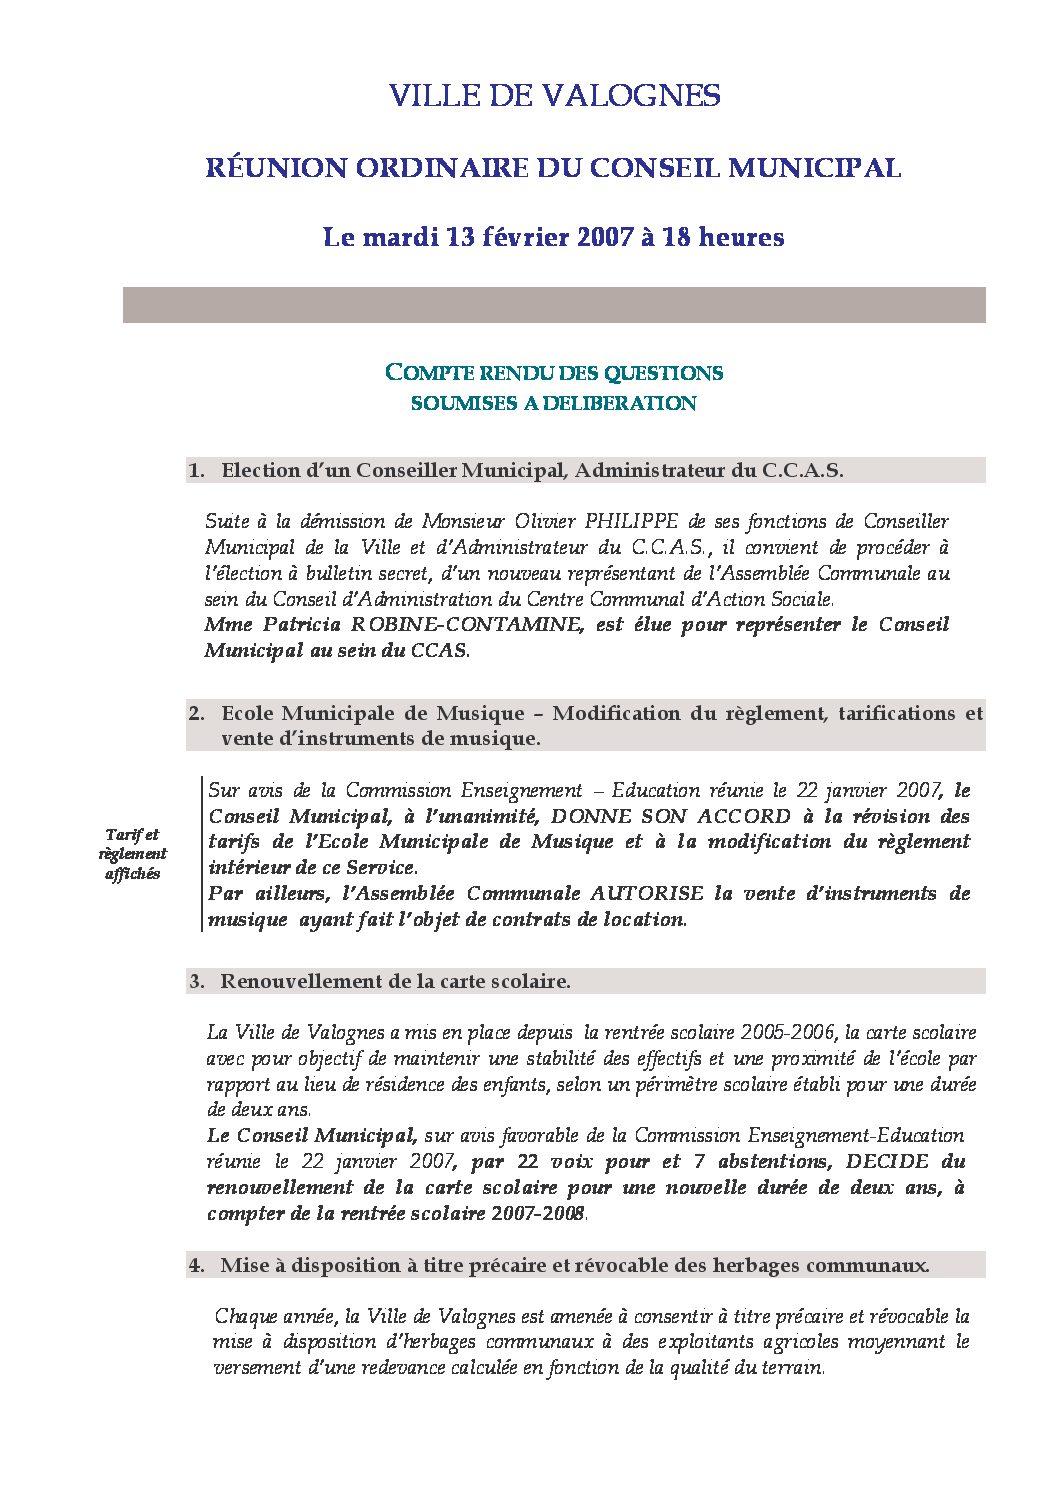 Extrait du registre des délibérations du Conseil Municipal du 13-02-2007